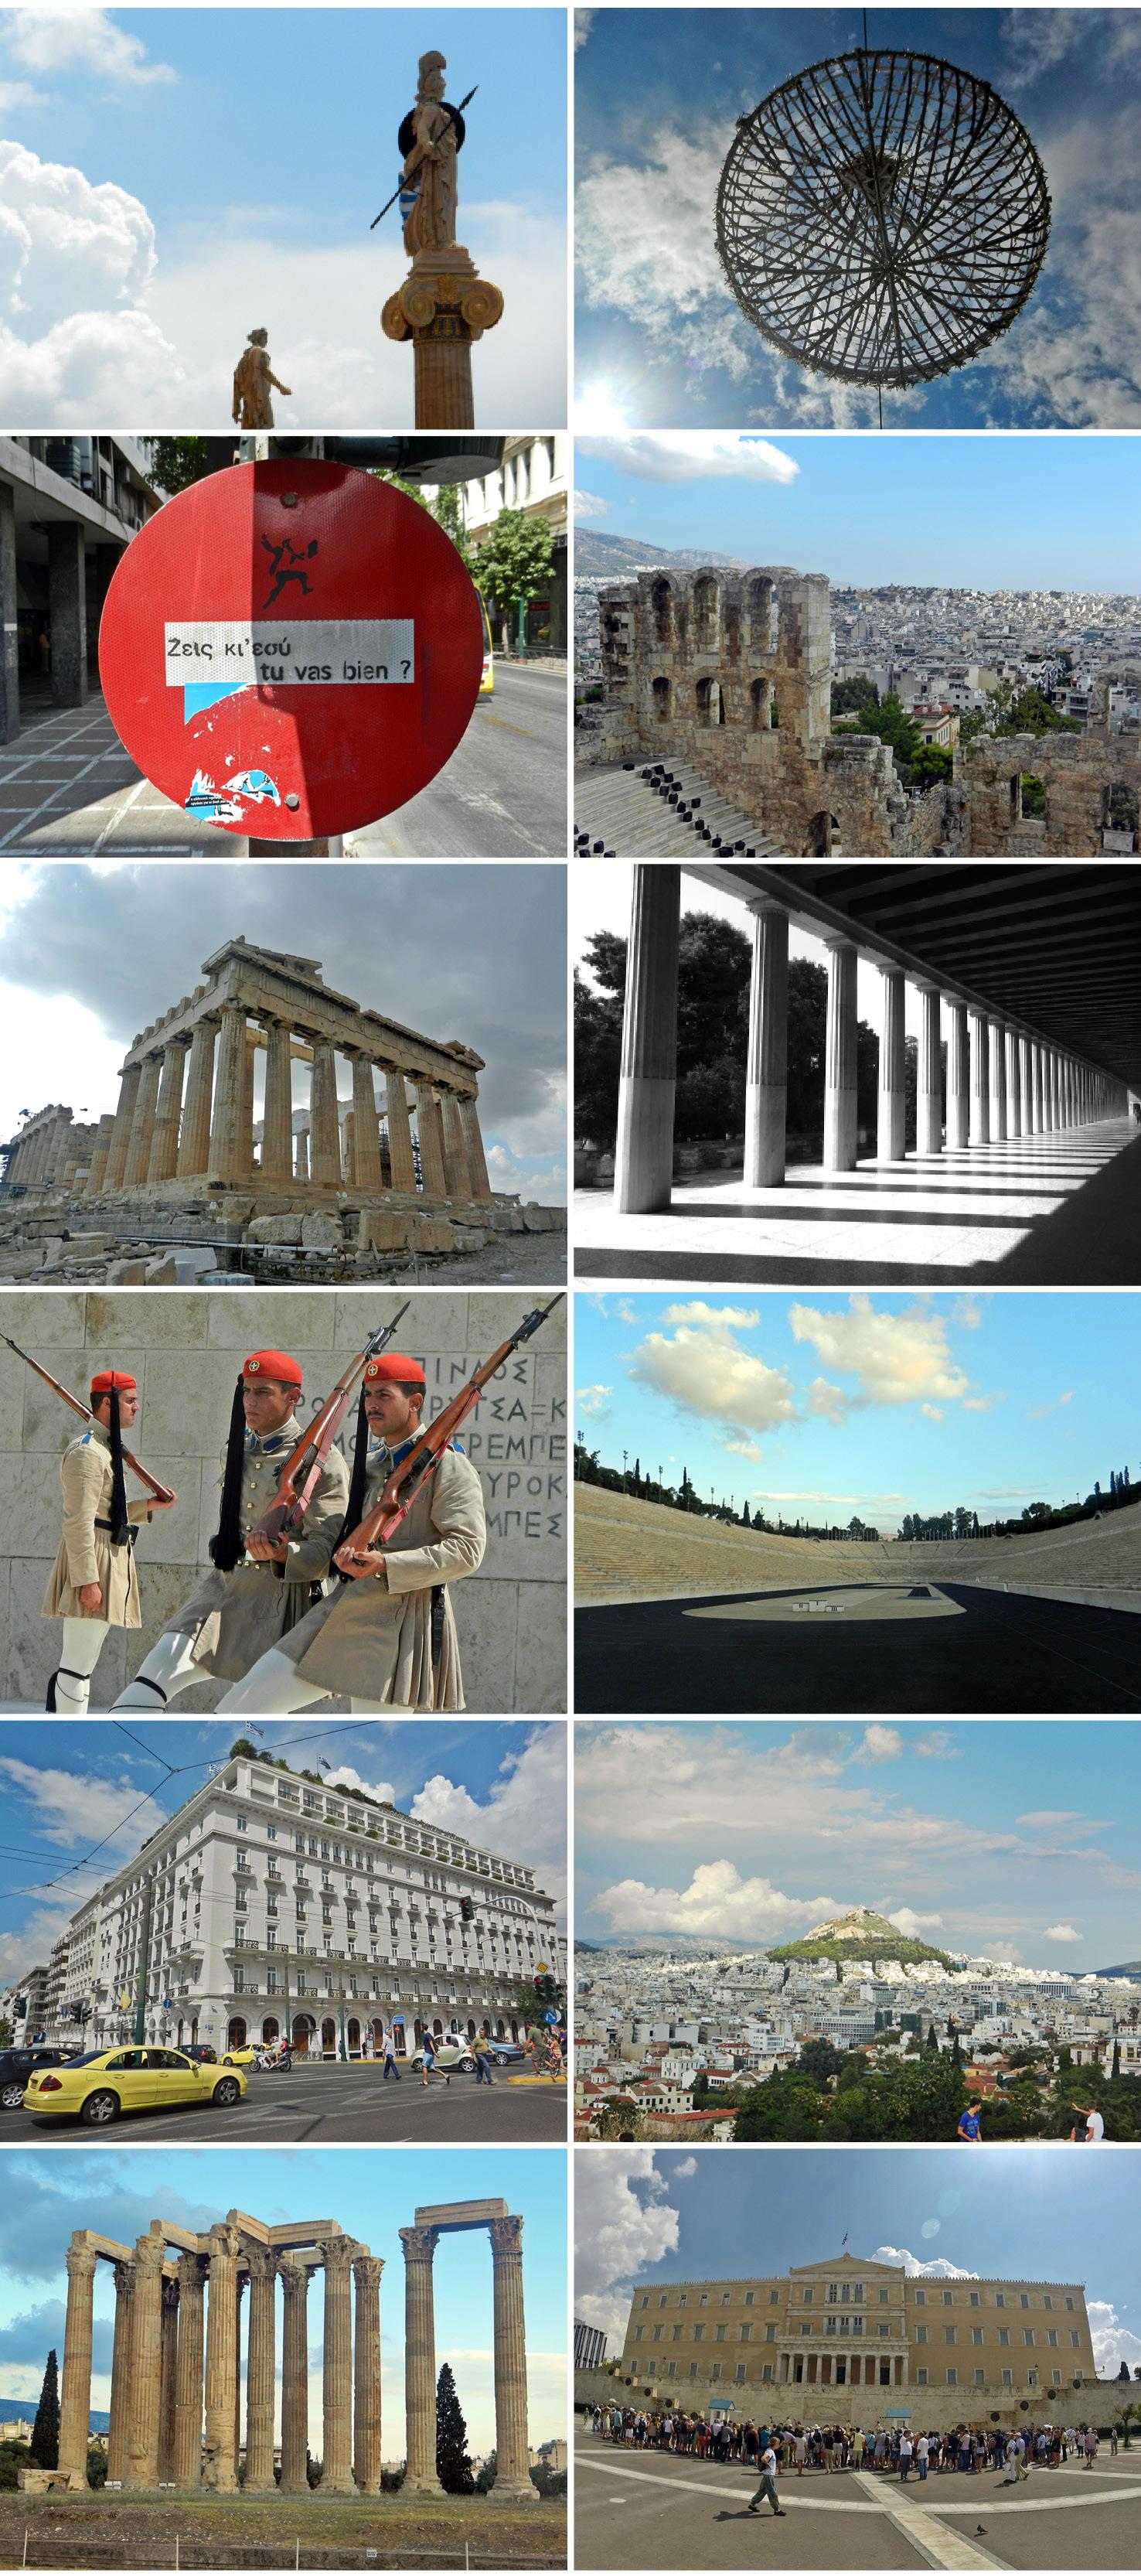 Statuts et ruines de temple à l'Acropole d'Athènes en Grèce.